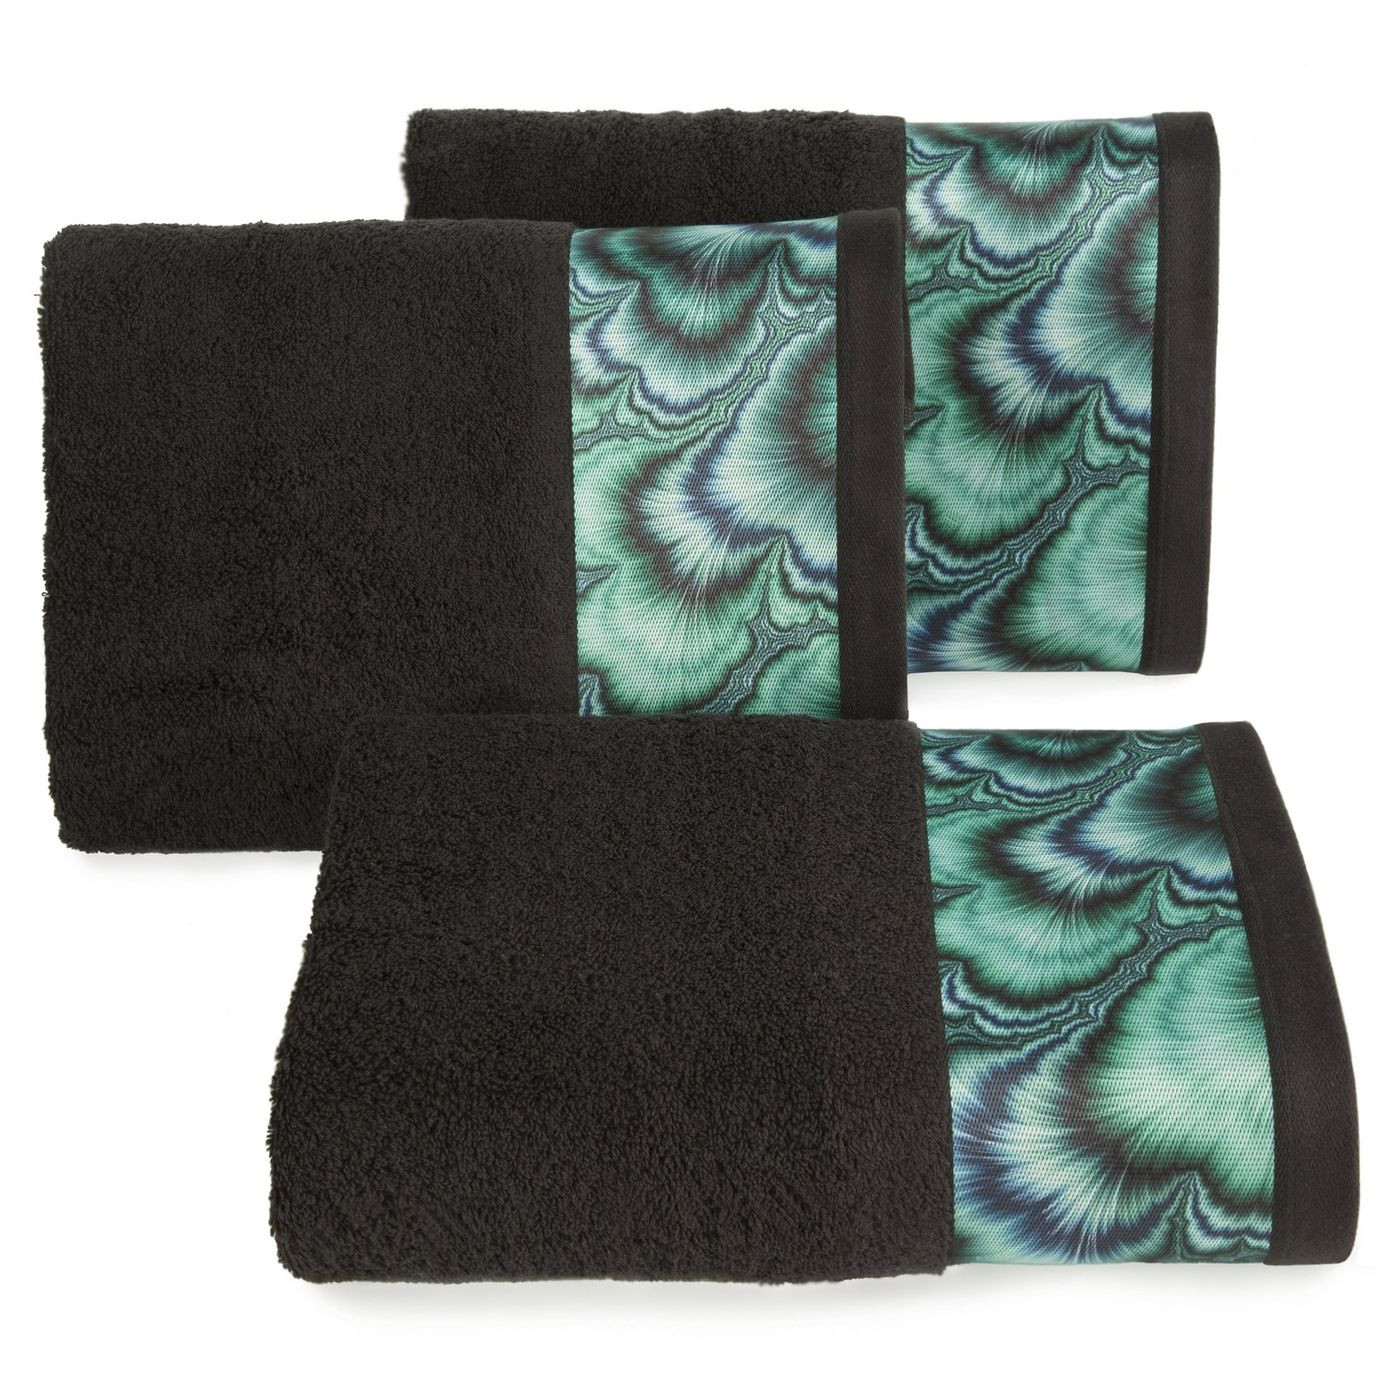 Czarny ręcznik kąpielowy - mój wybór Eva Minge 50x90 cm